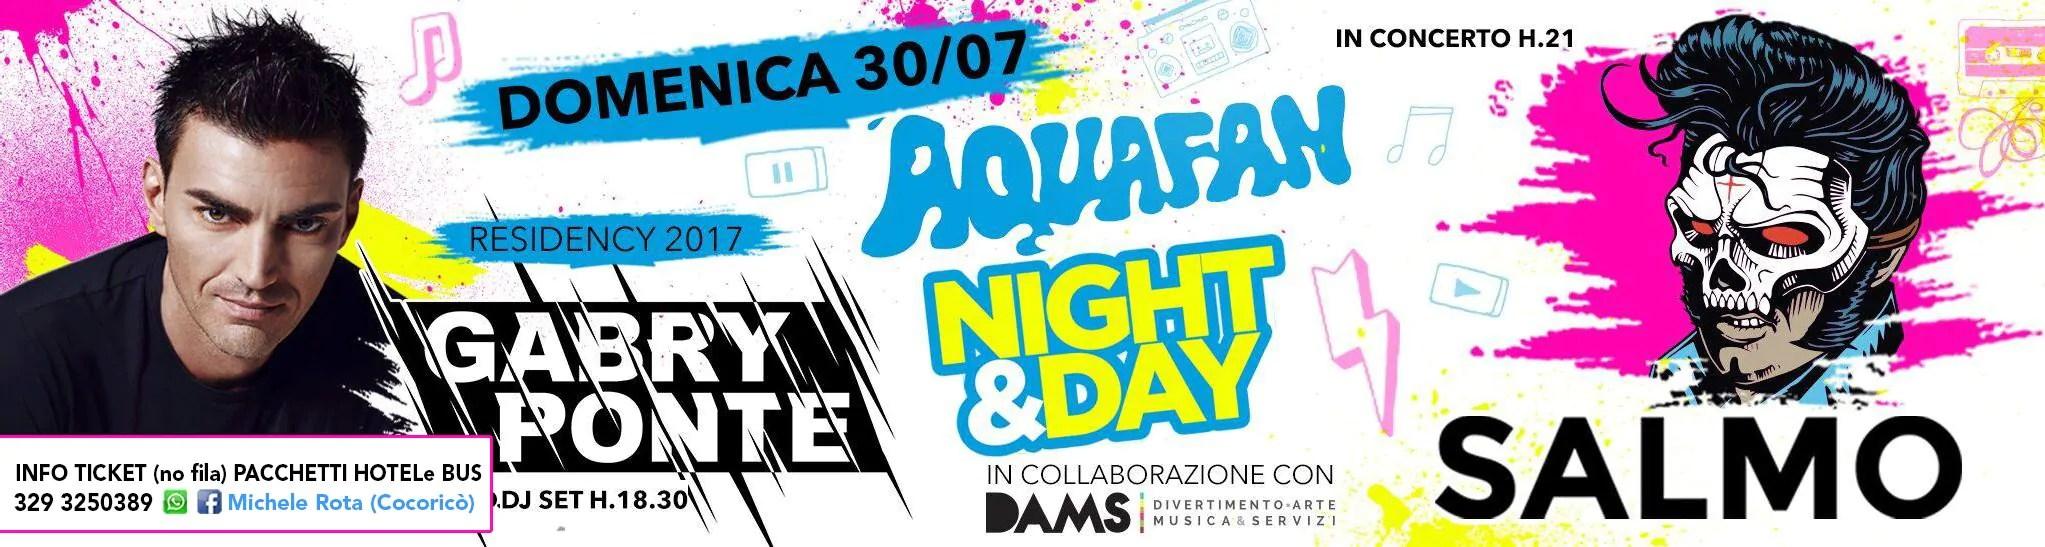 Aquafan 30 07 2017 Gabry Ponte Salmo